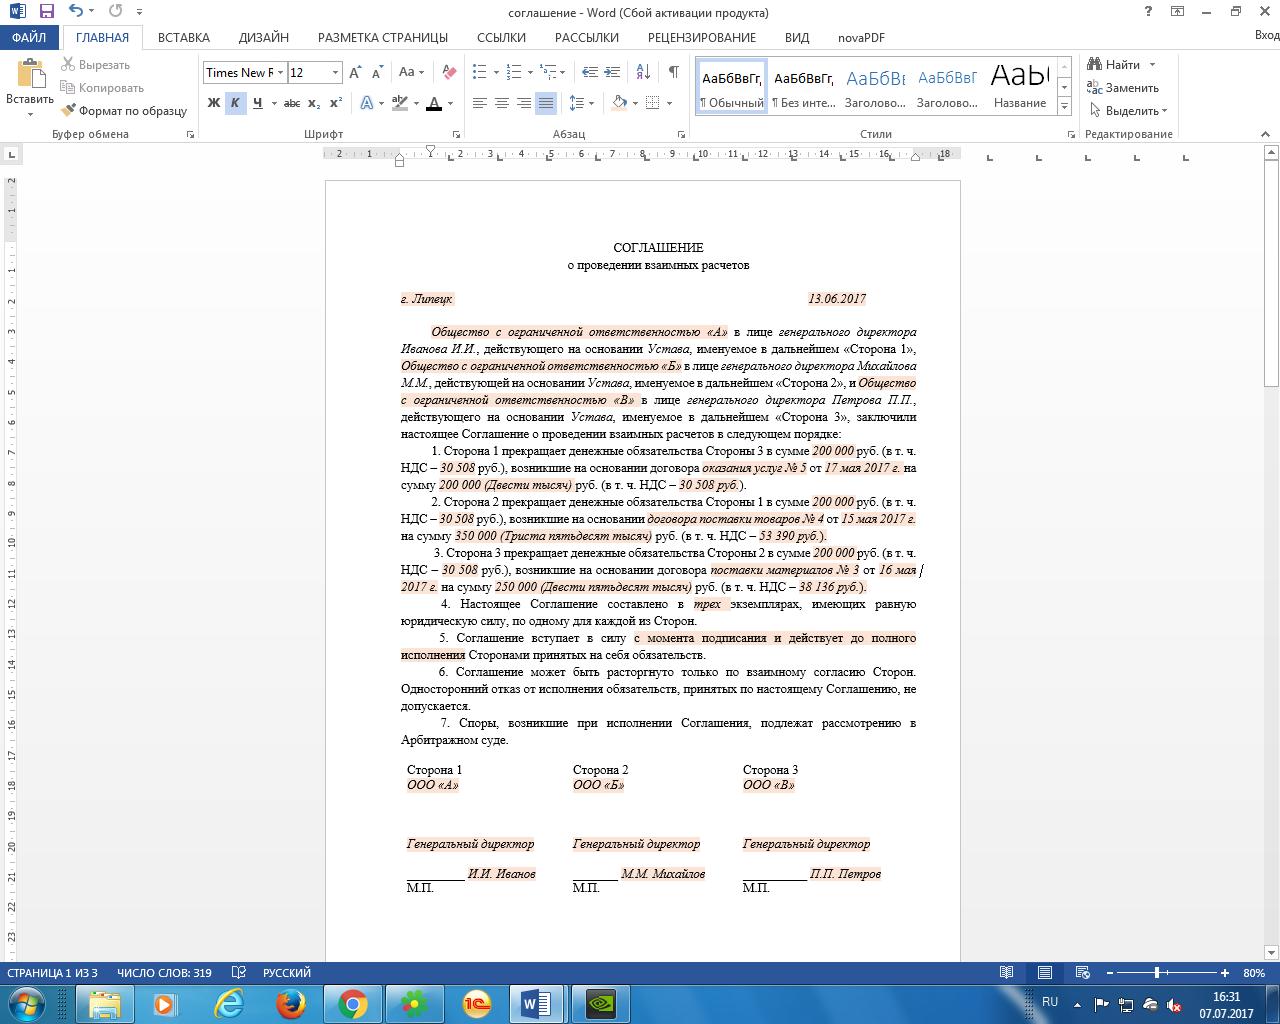 Образец акта (соглашения) о взаимозачёте